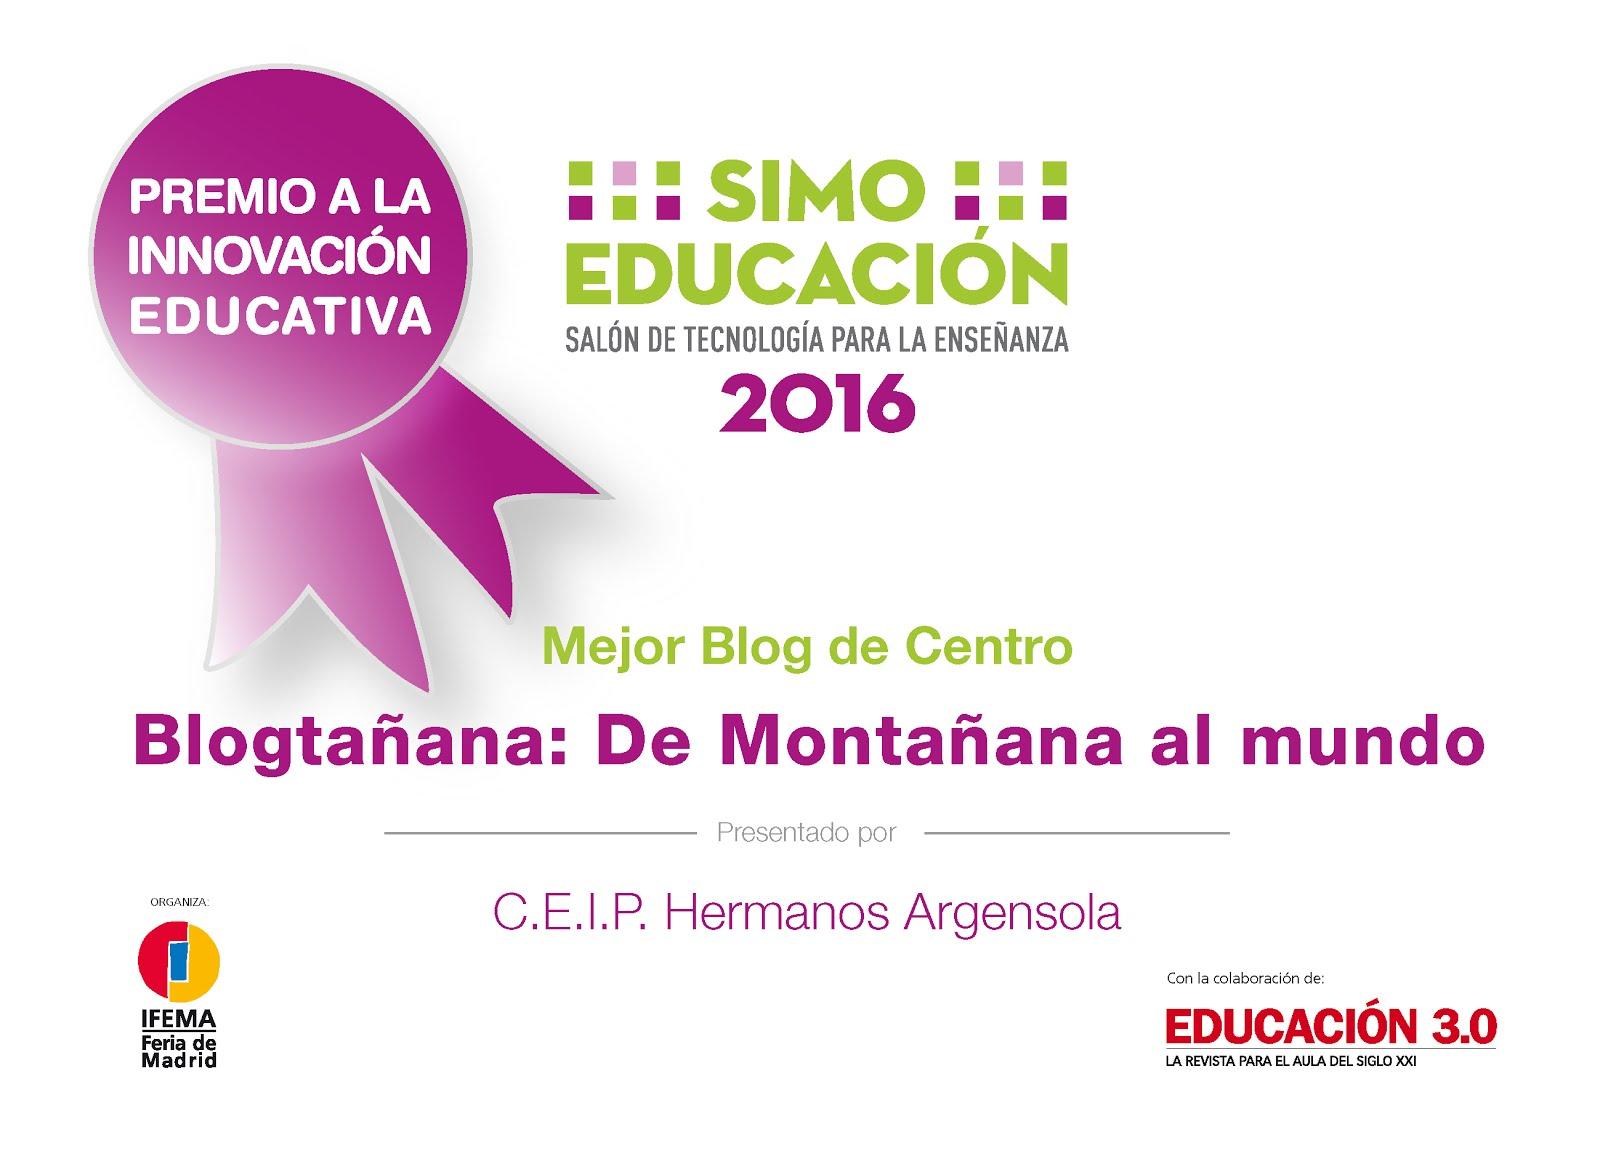 PREMIO EDUCACIÓN SIMO 2016